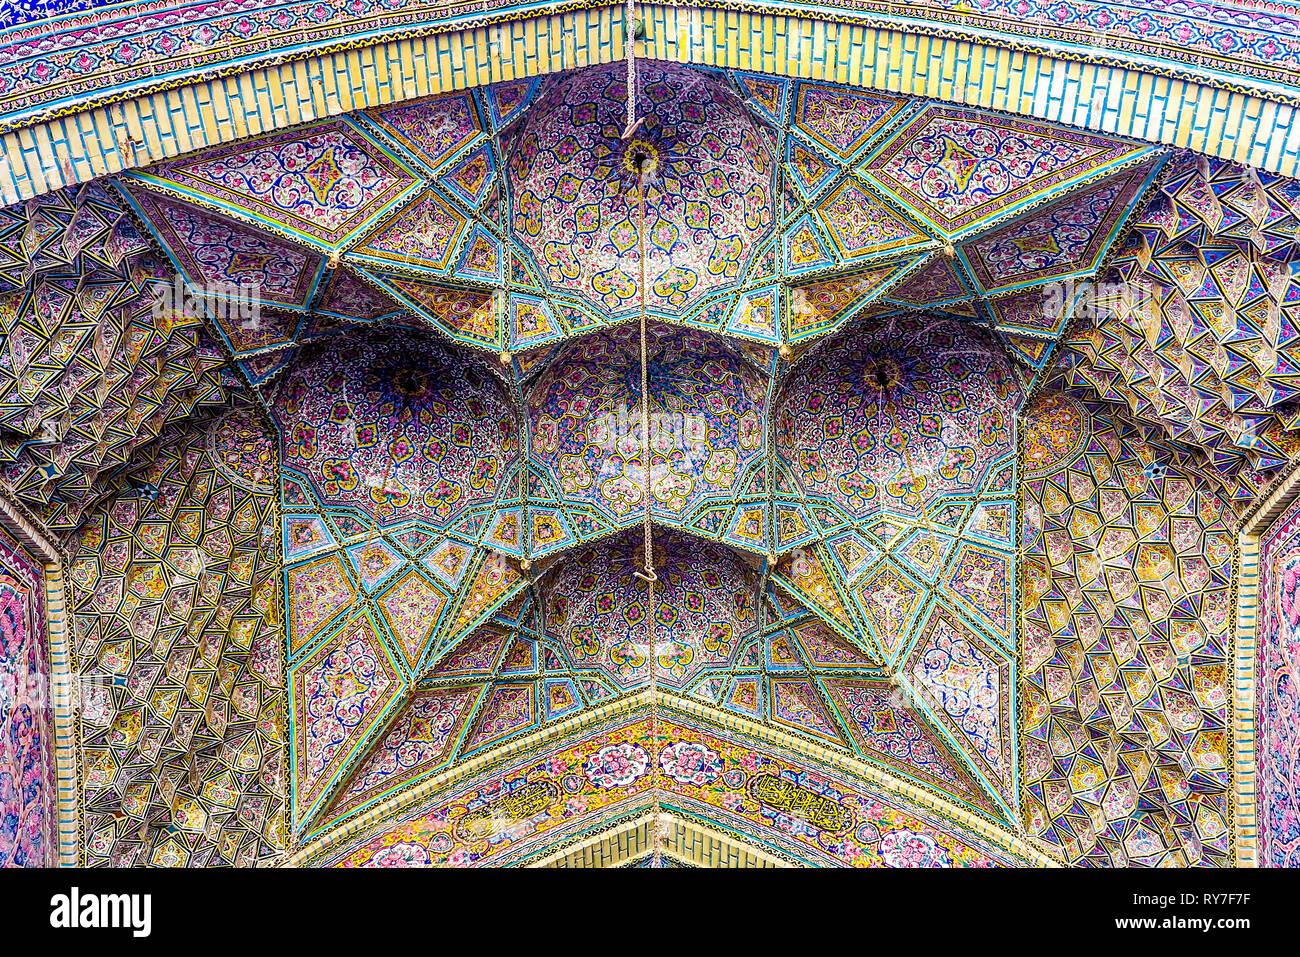 Shiraz nasir al mulk moschea rosa giallo e blu di piastrelle da